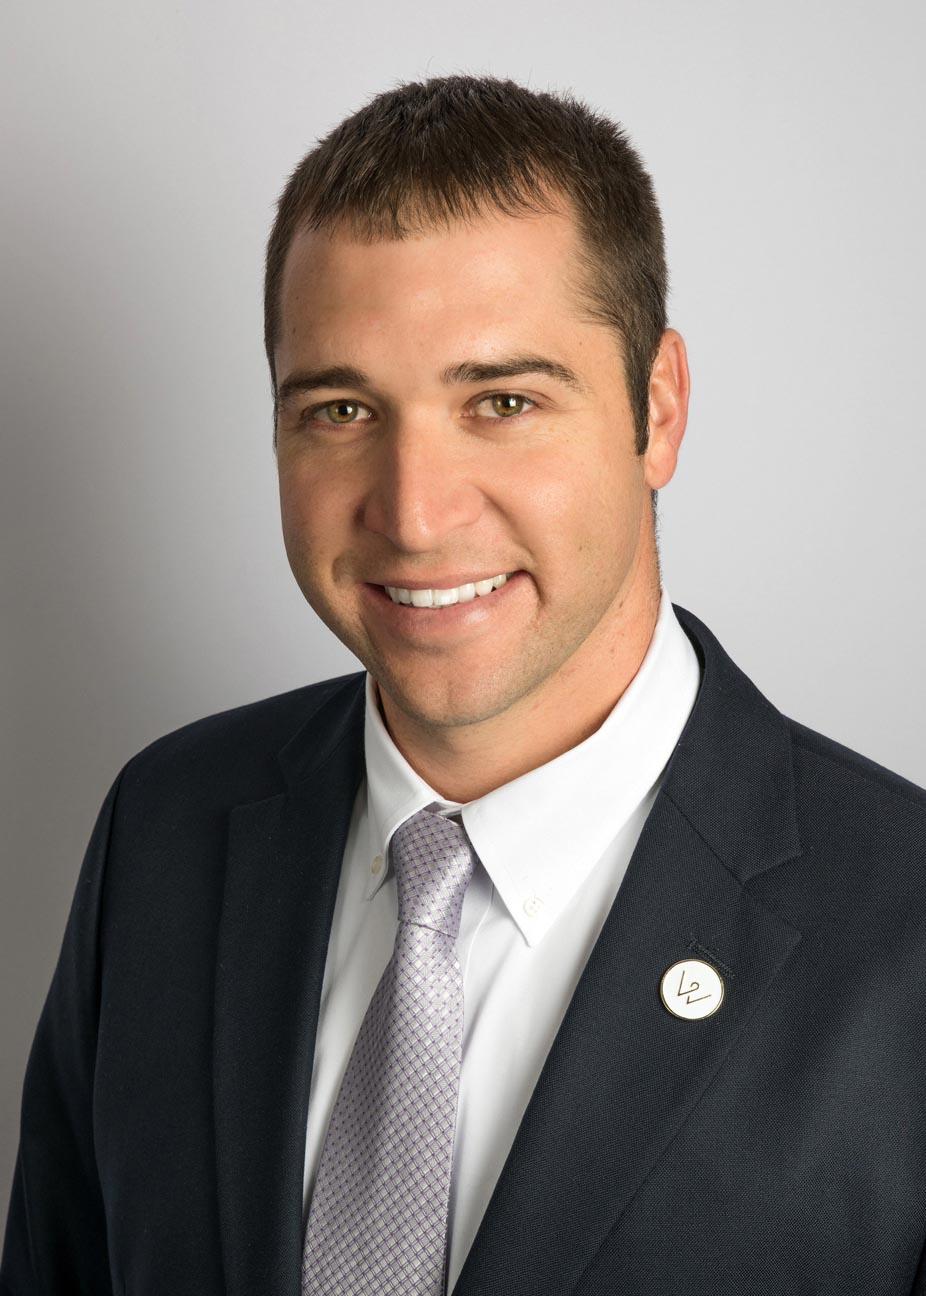 Harrison Chevalier